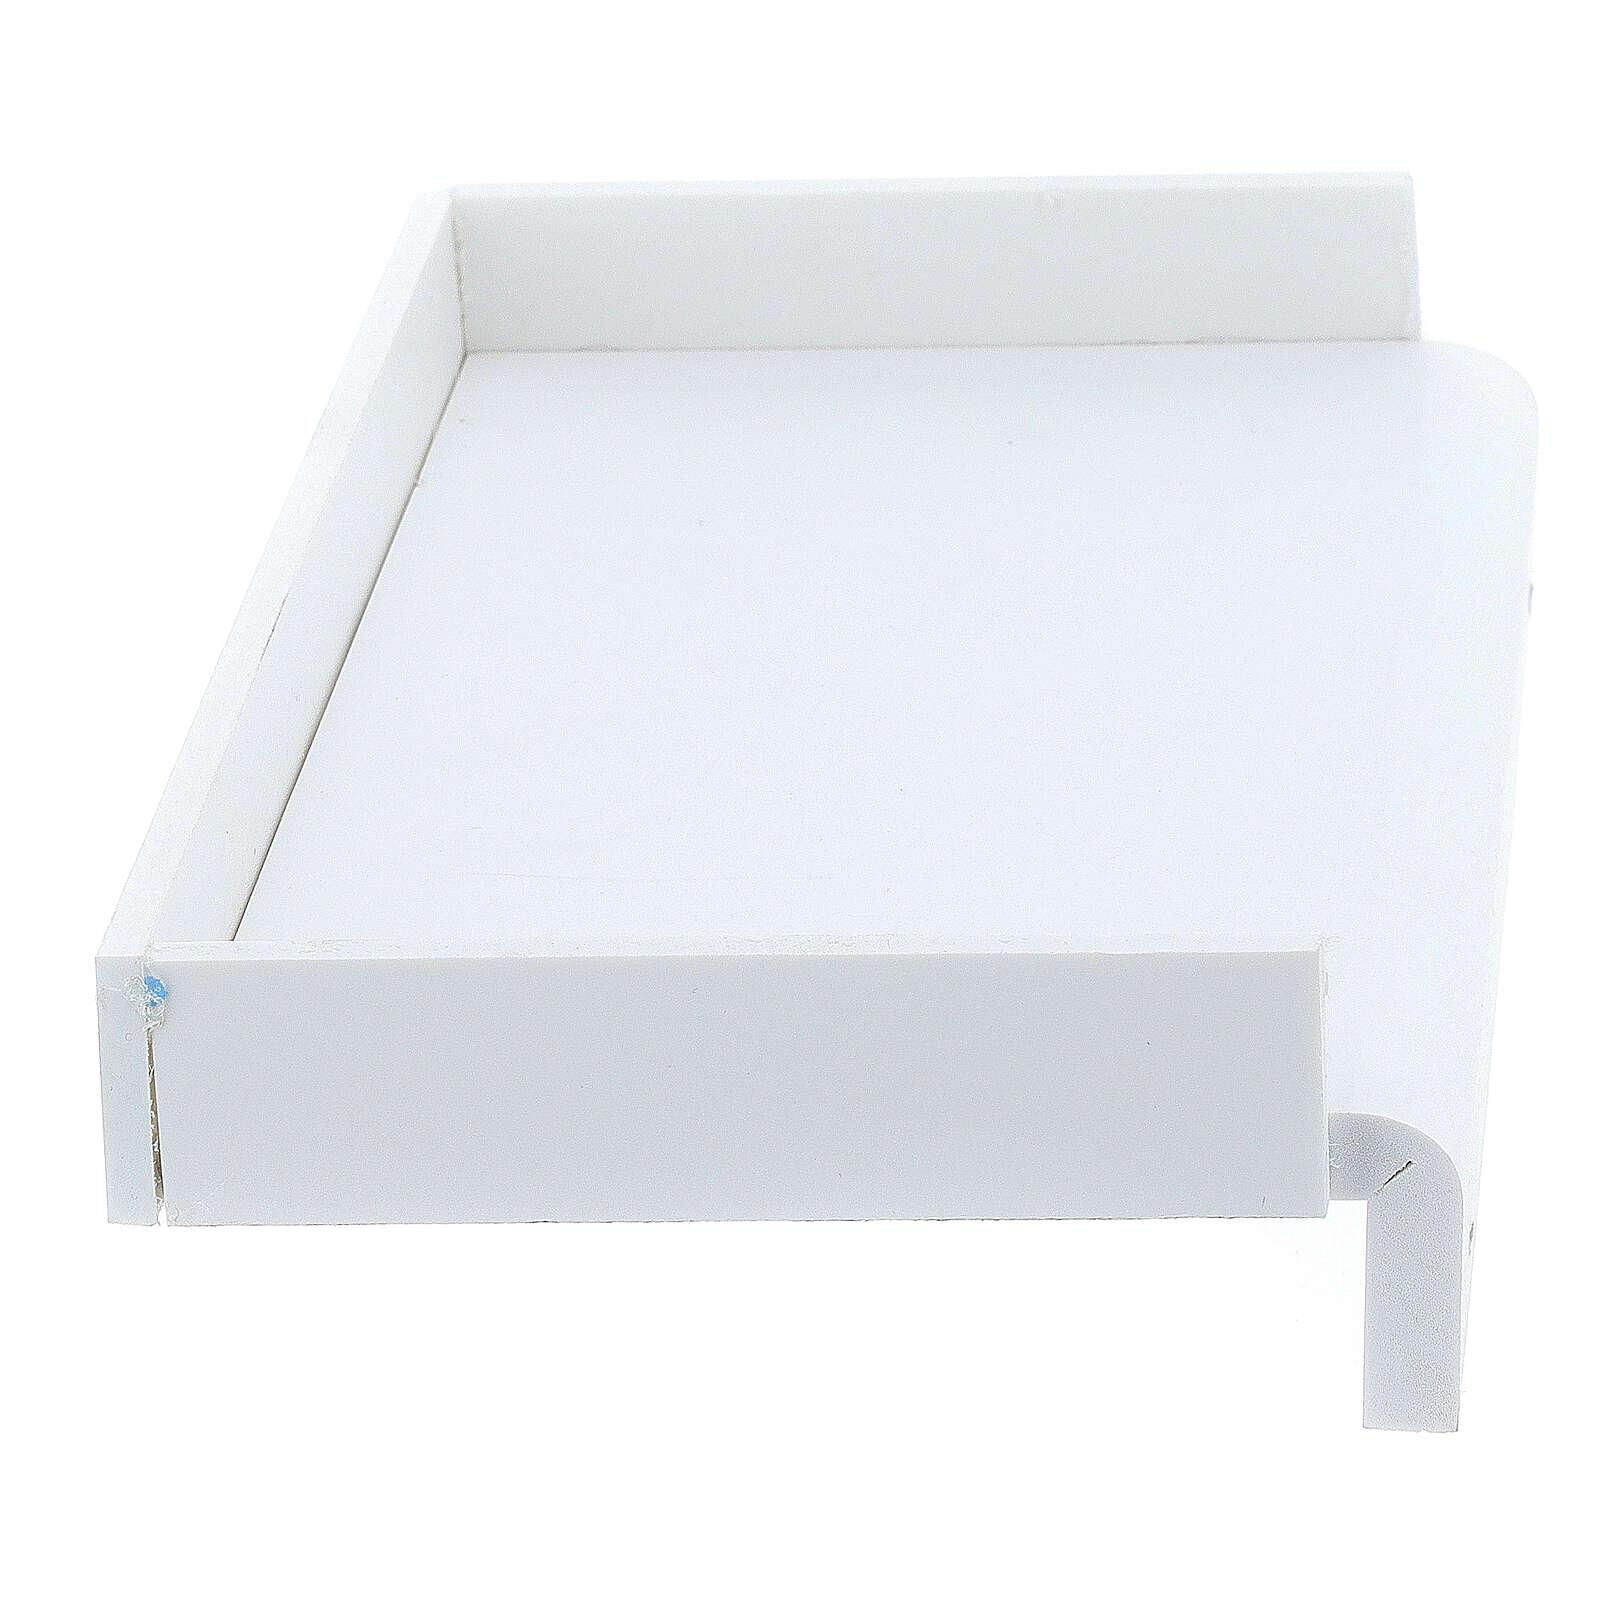 Étagère pour boîte gants 14x17 cm forex avec vis pour PF000003 3